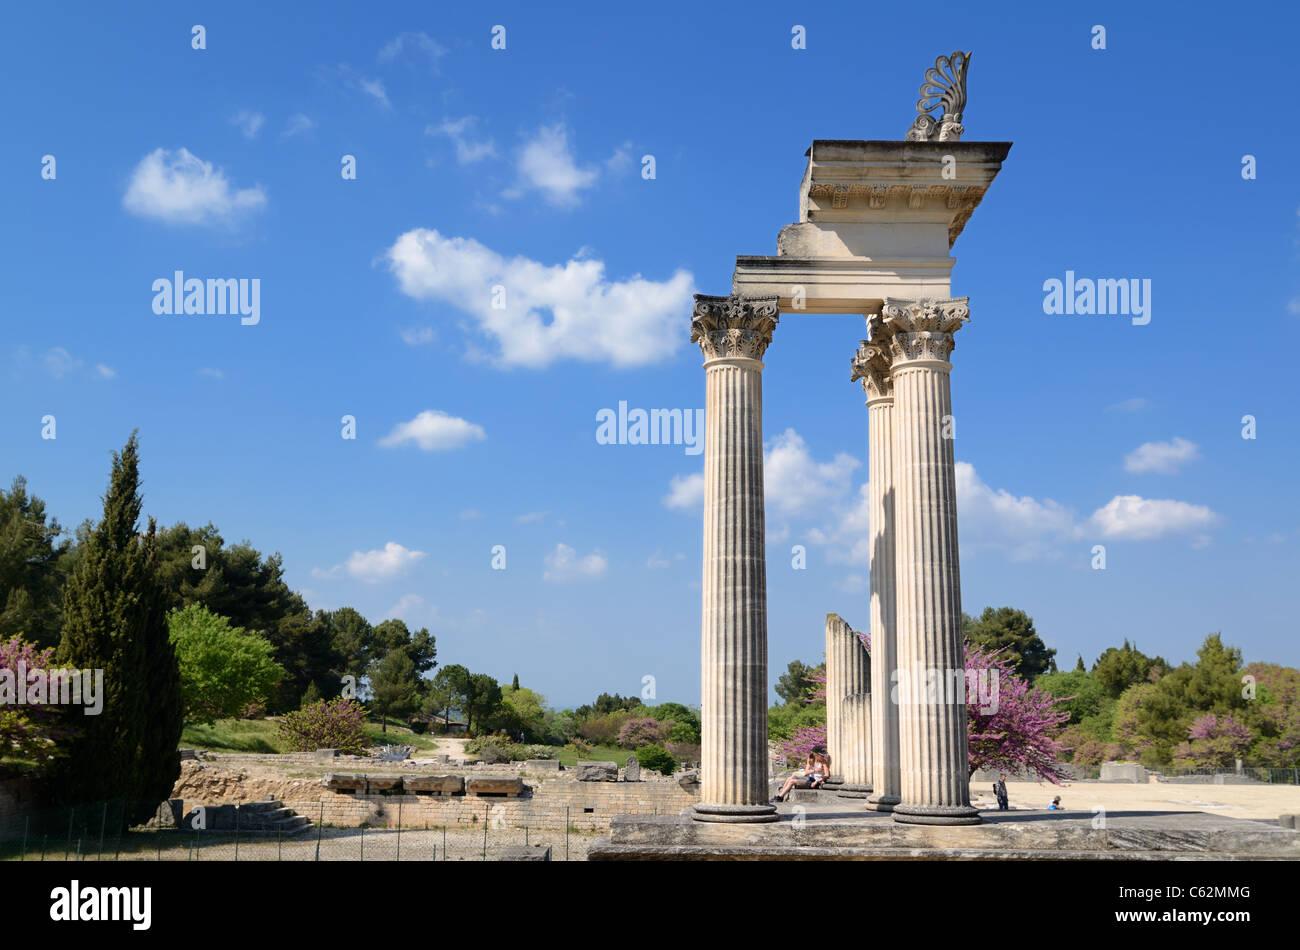 Temple romain à la ville romaine de Glanum, Aix-en-Provence, Provence, France Photo Stock